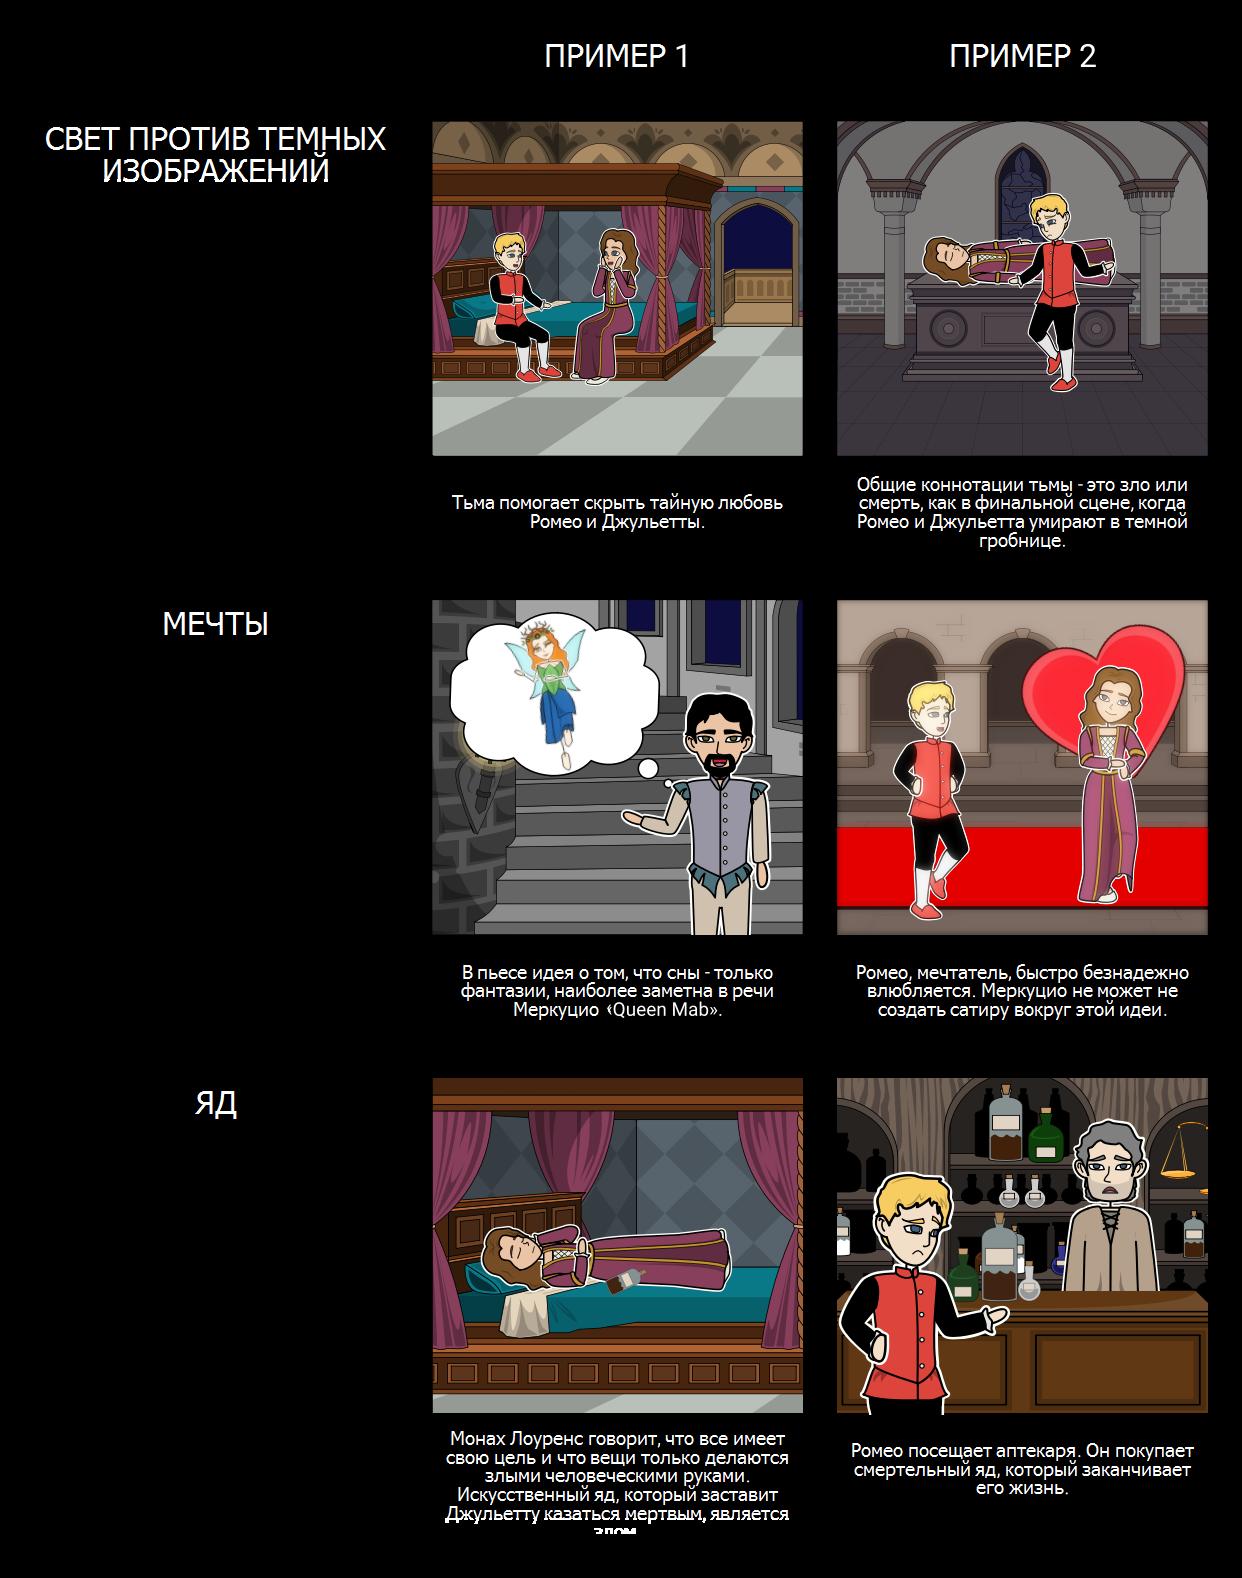 Ромео и Джульетта Символы, Образность, и Мотивы